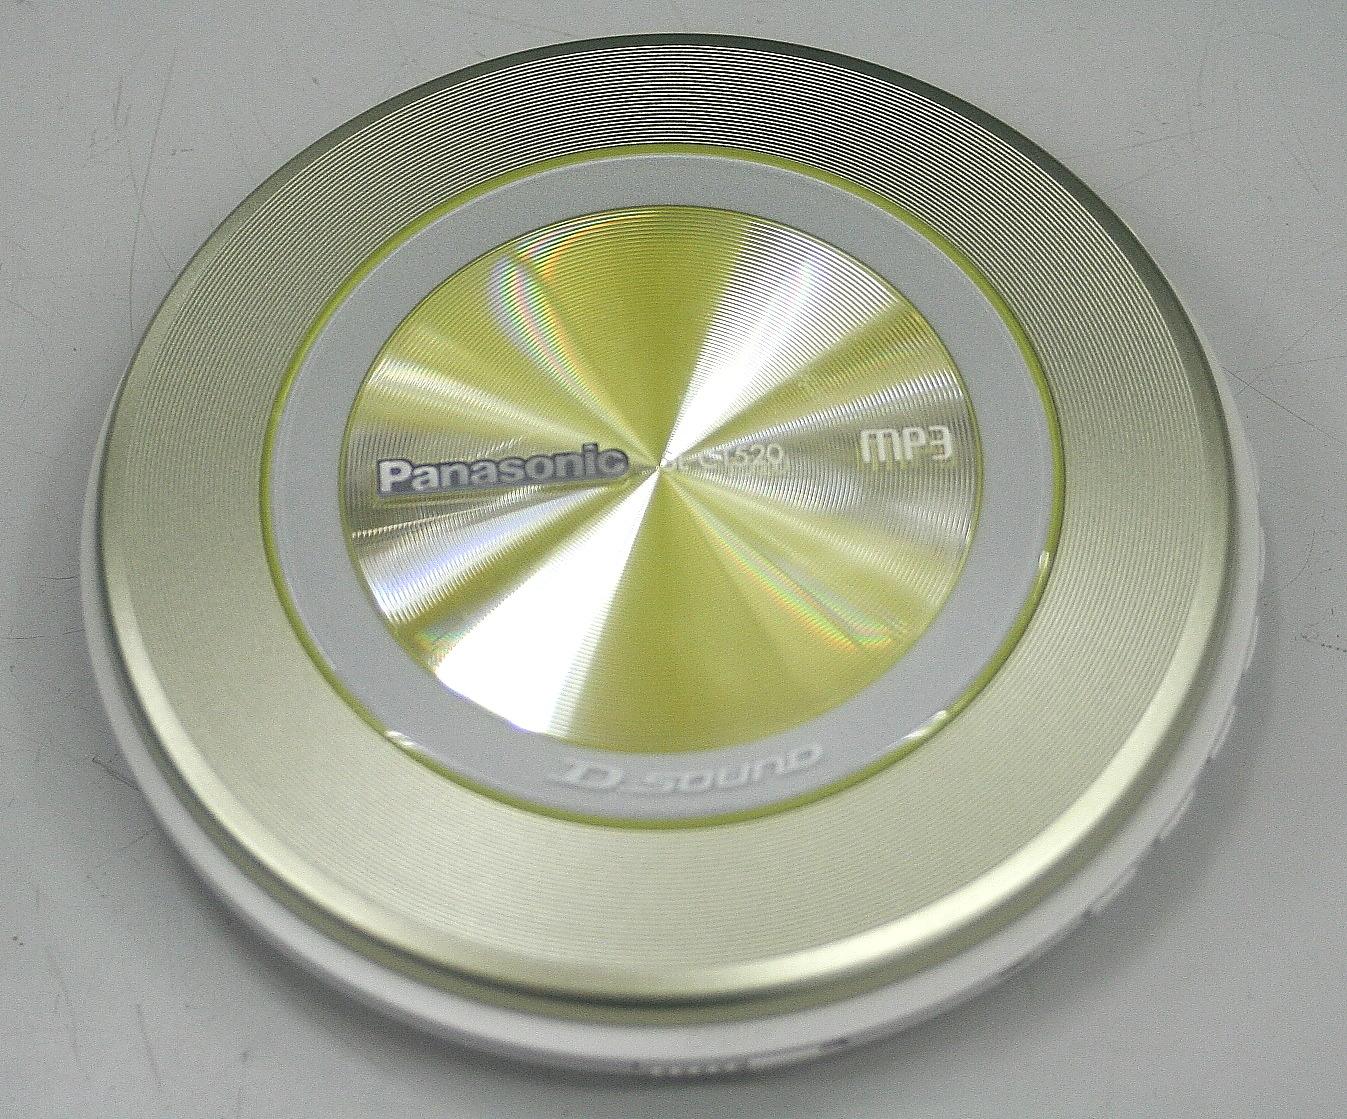 Panasonic ポータブルCDプレーヤー SL-CT520-Y